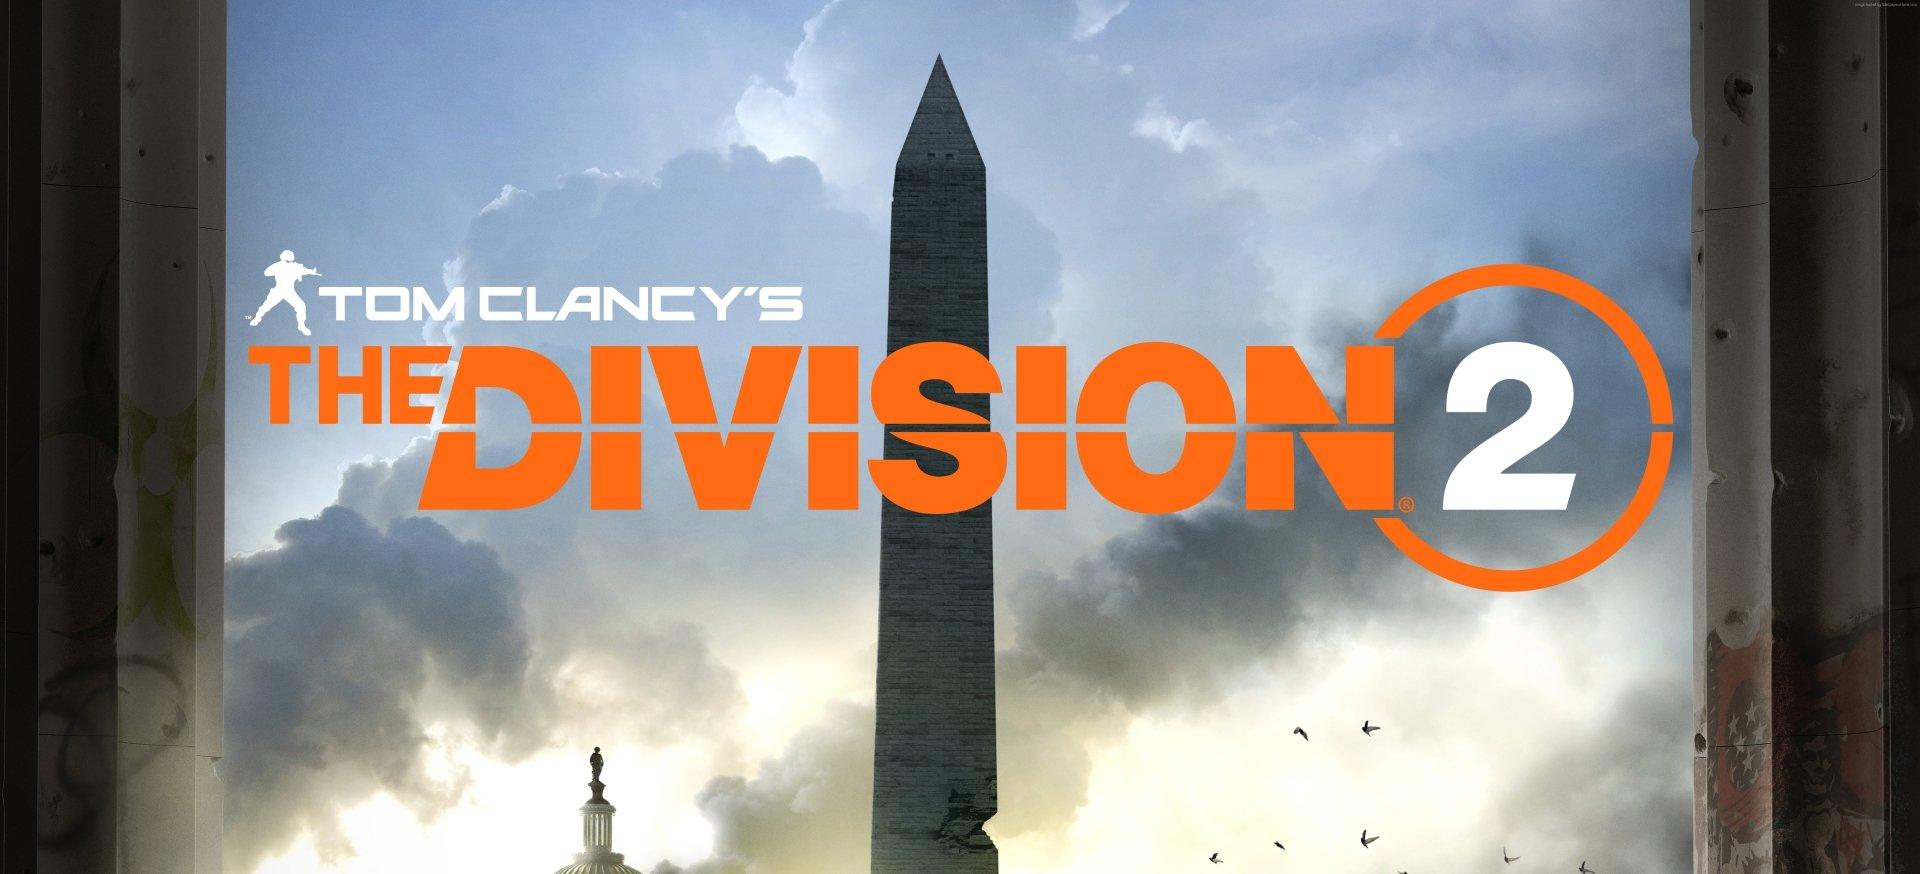 Diese 11 Dinge will The Division 2 nun neu und anders machen